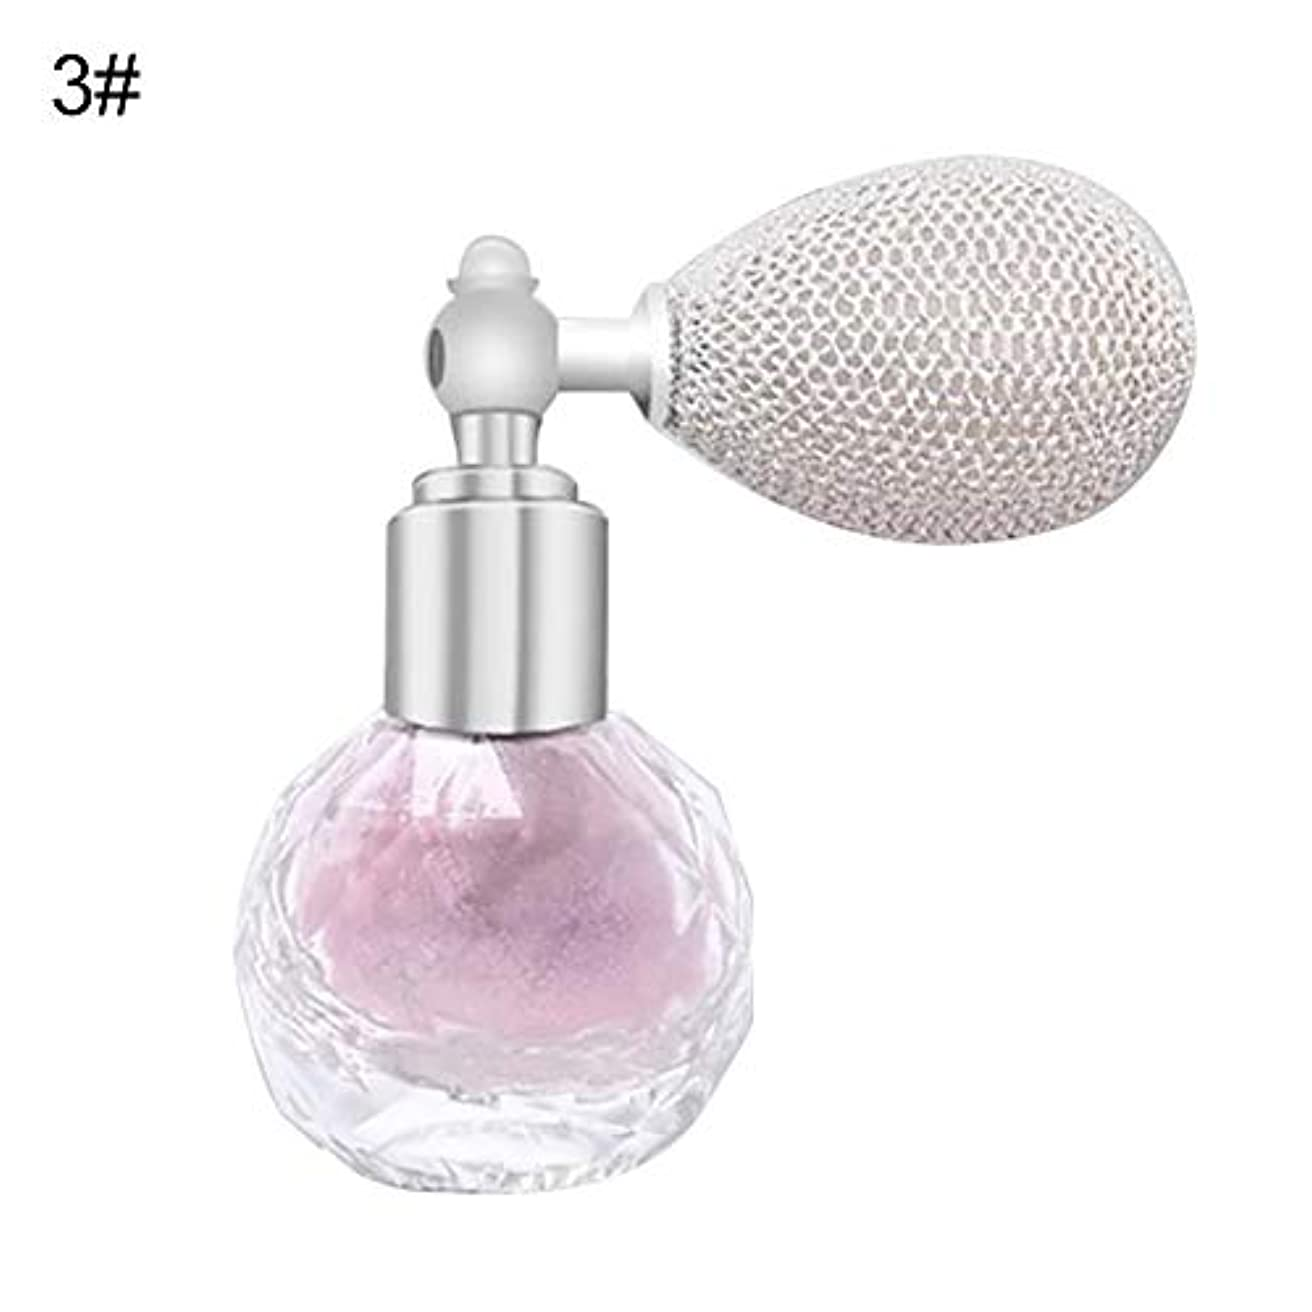 光承認愛国的なFANA女性エアバッグスプレーフレグランスグリッターハイライトパウダー美容化粧品 - 3#